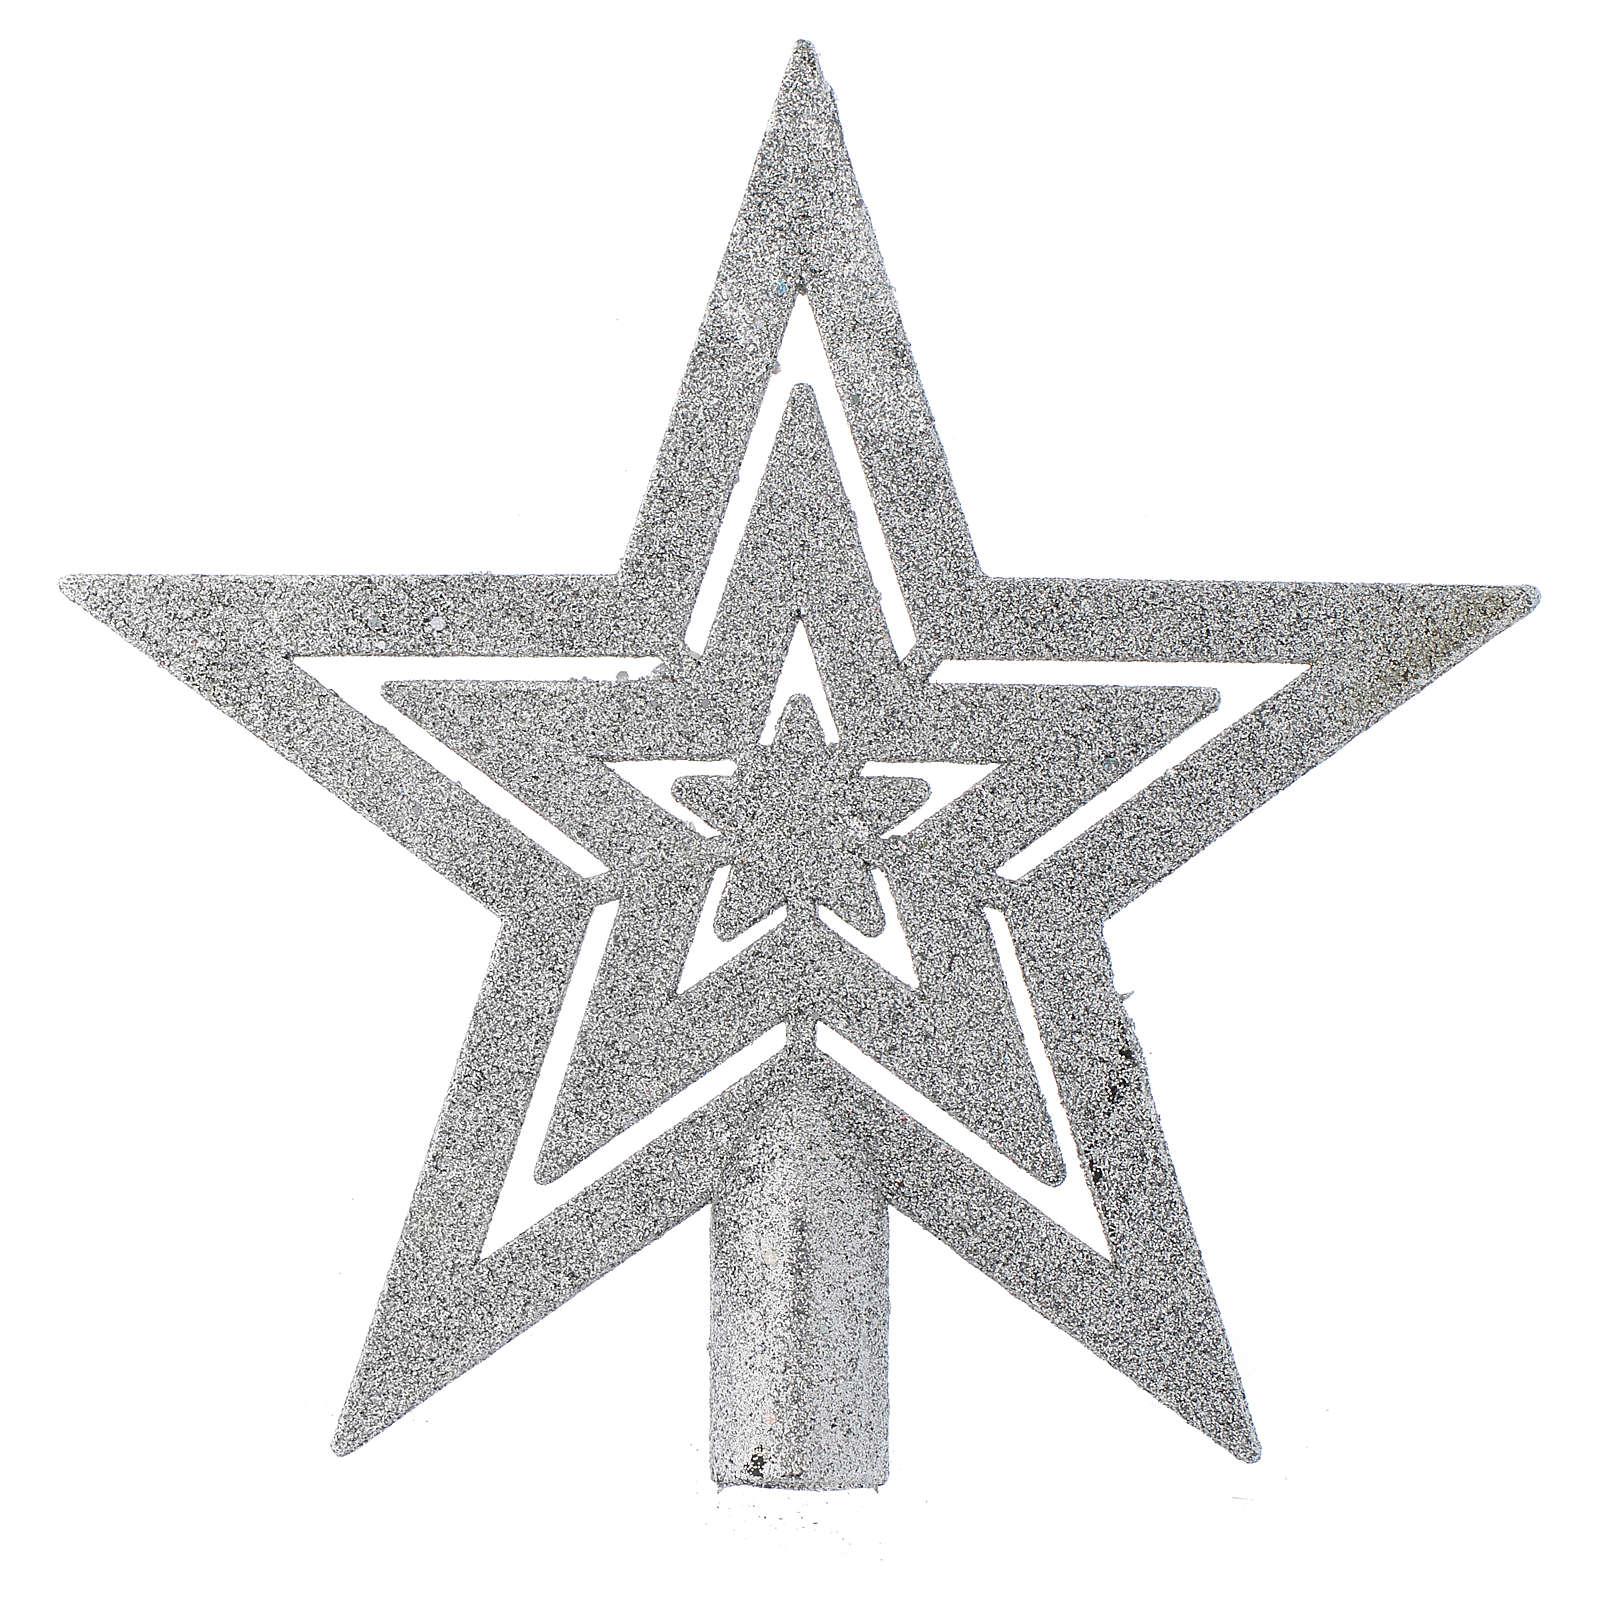 Cimier sapin Noël forme étoile argentée 4